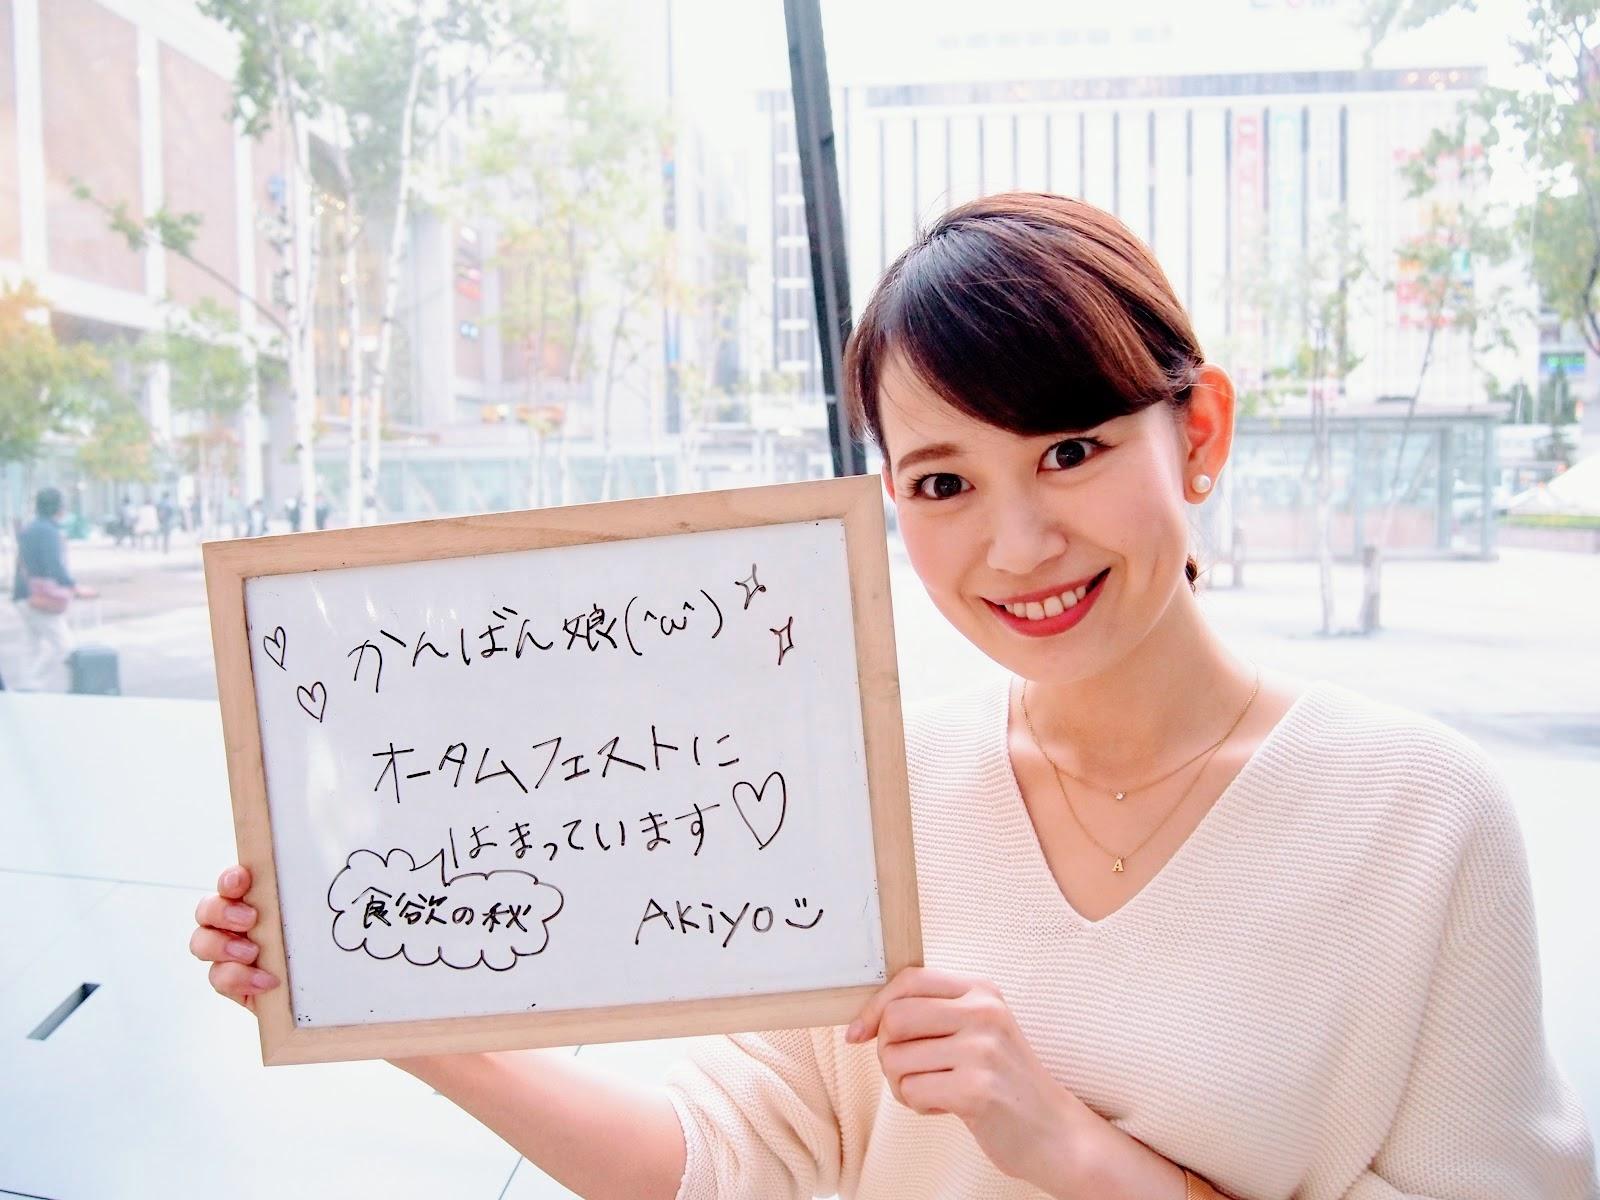 Akiyoさん / オータムフェストにはまっています♡